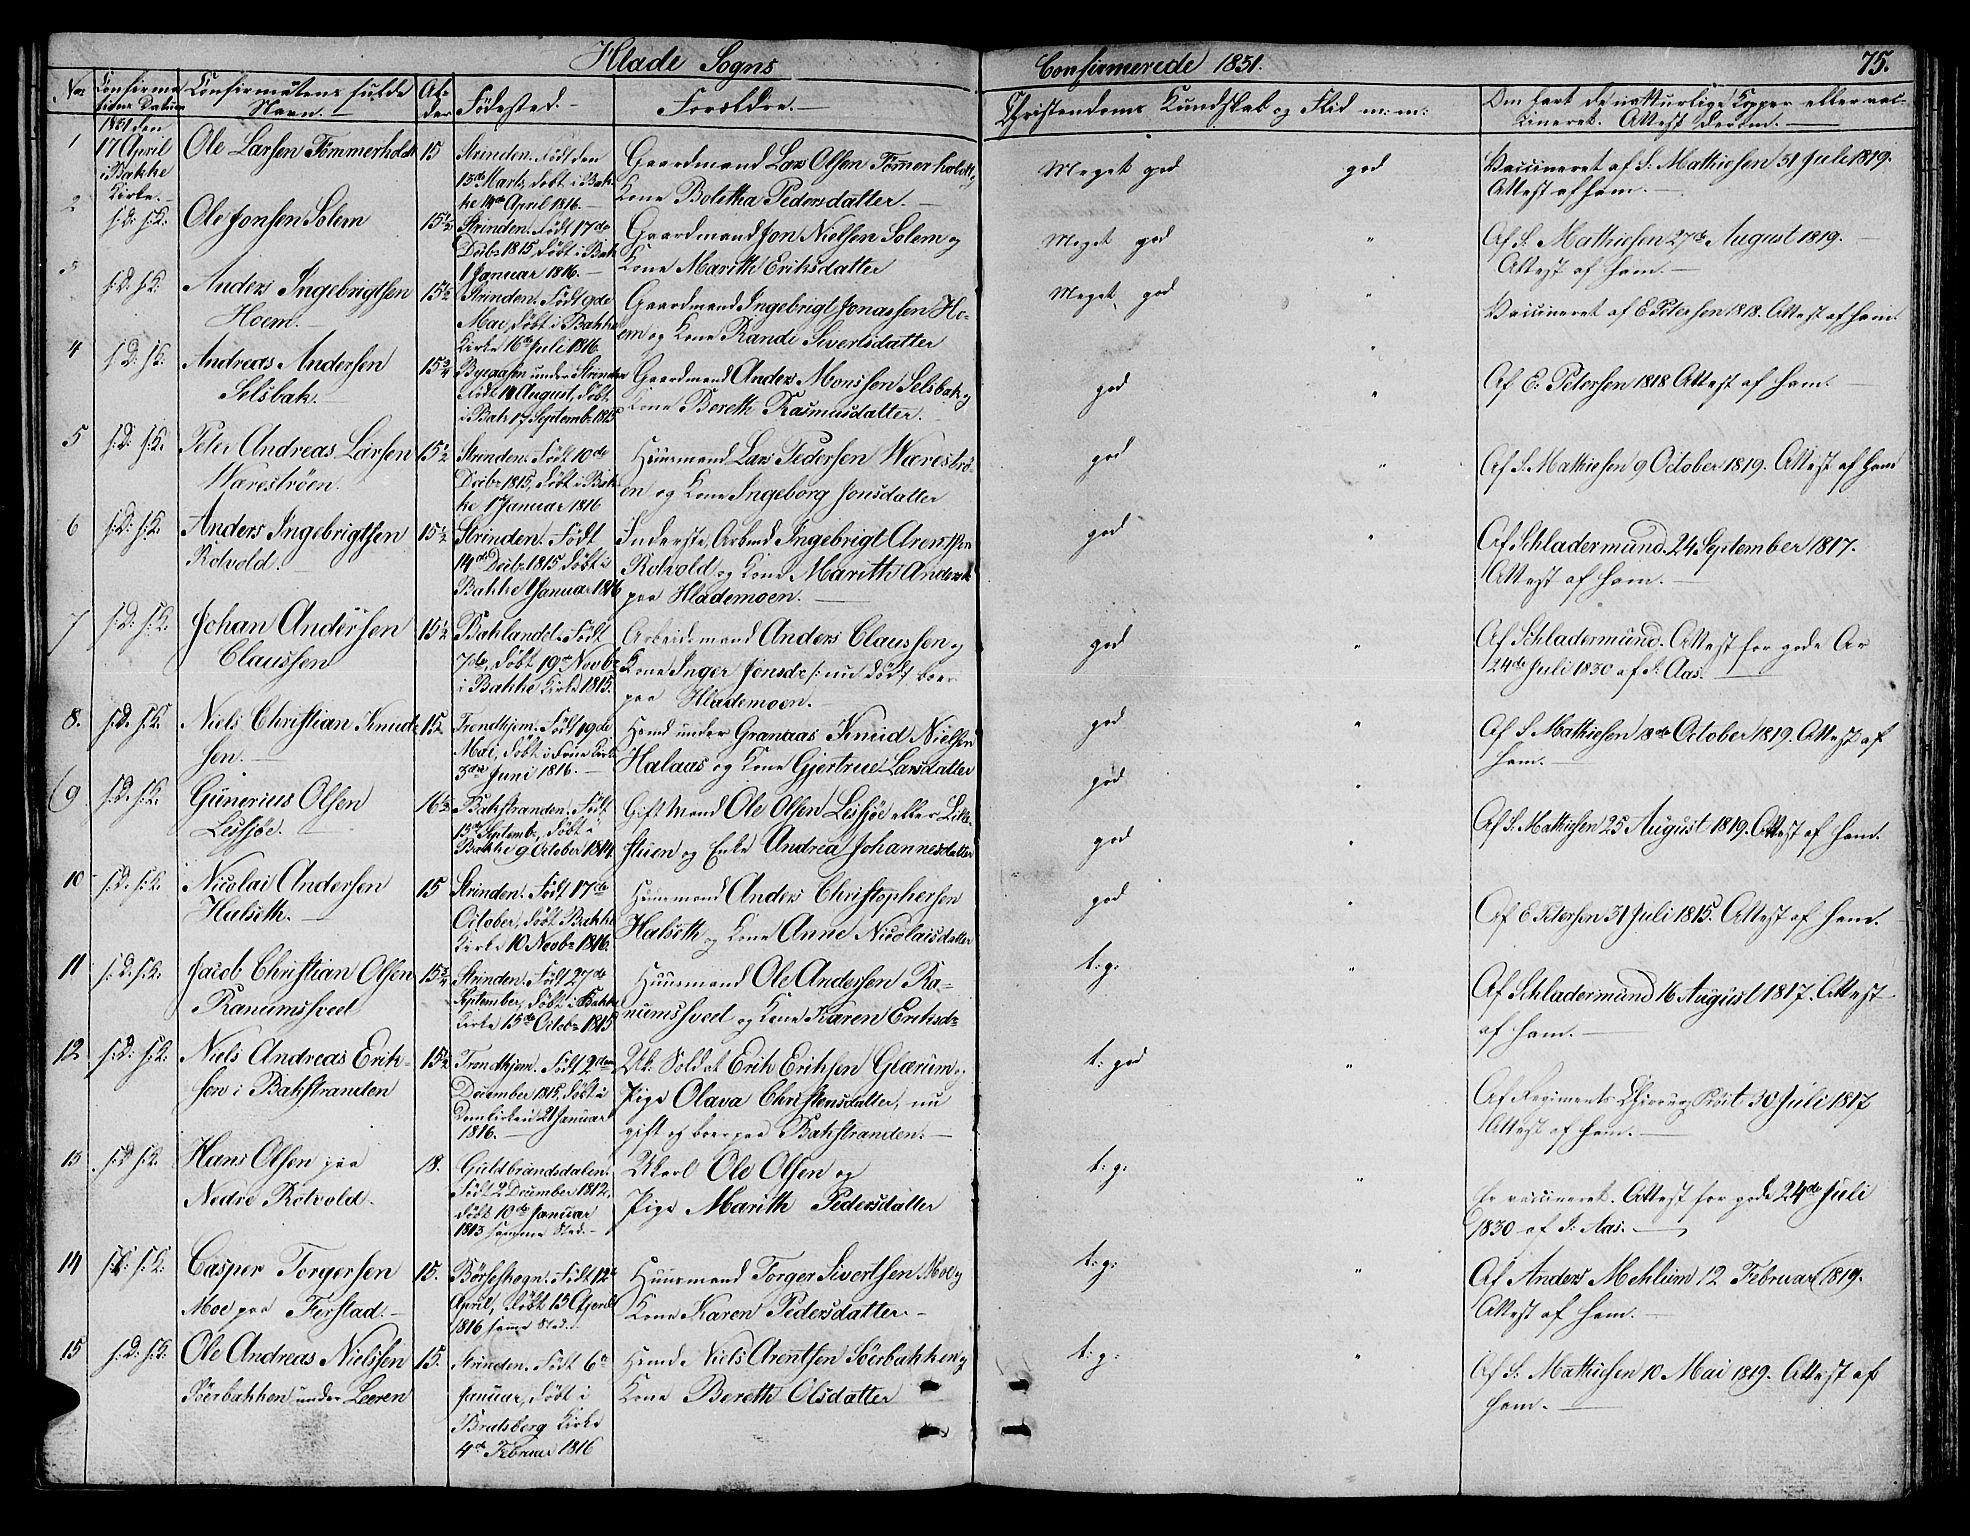 SAT, Ministerialprotokoller, klokkerbøker og fødselsregistre - Sør-Trøndelag, 606/L0308: Klokkerbok nr. 606C04, 1829-1840, s. 75